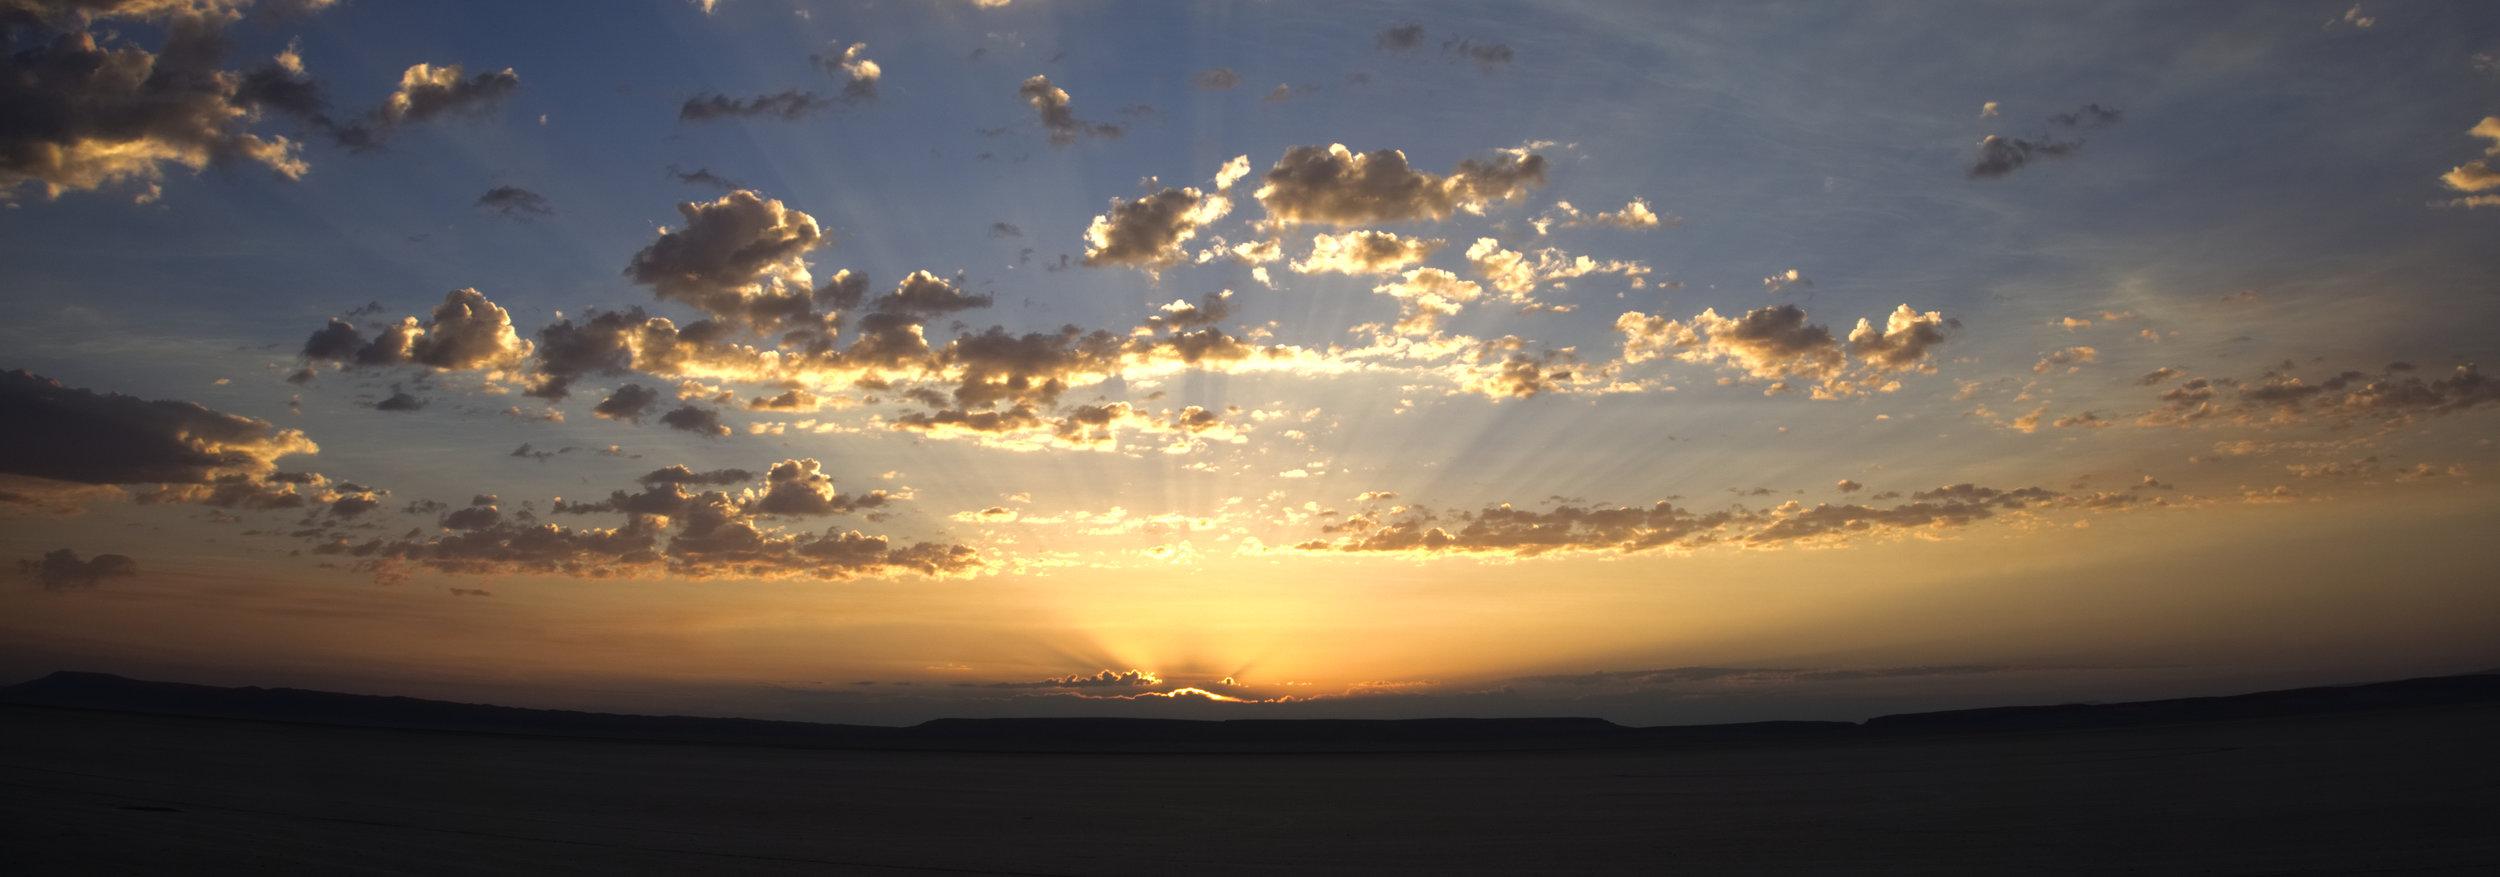 Alvord Sunset Wide.jpg